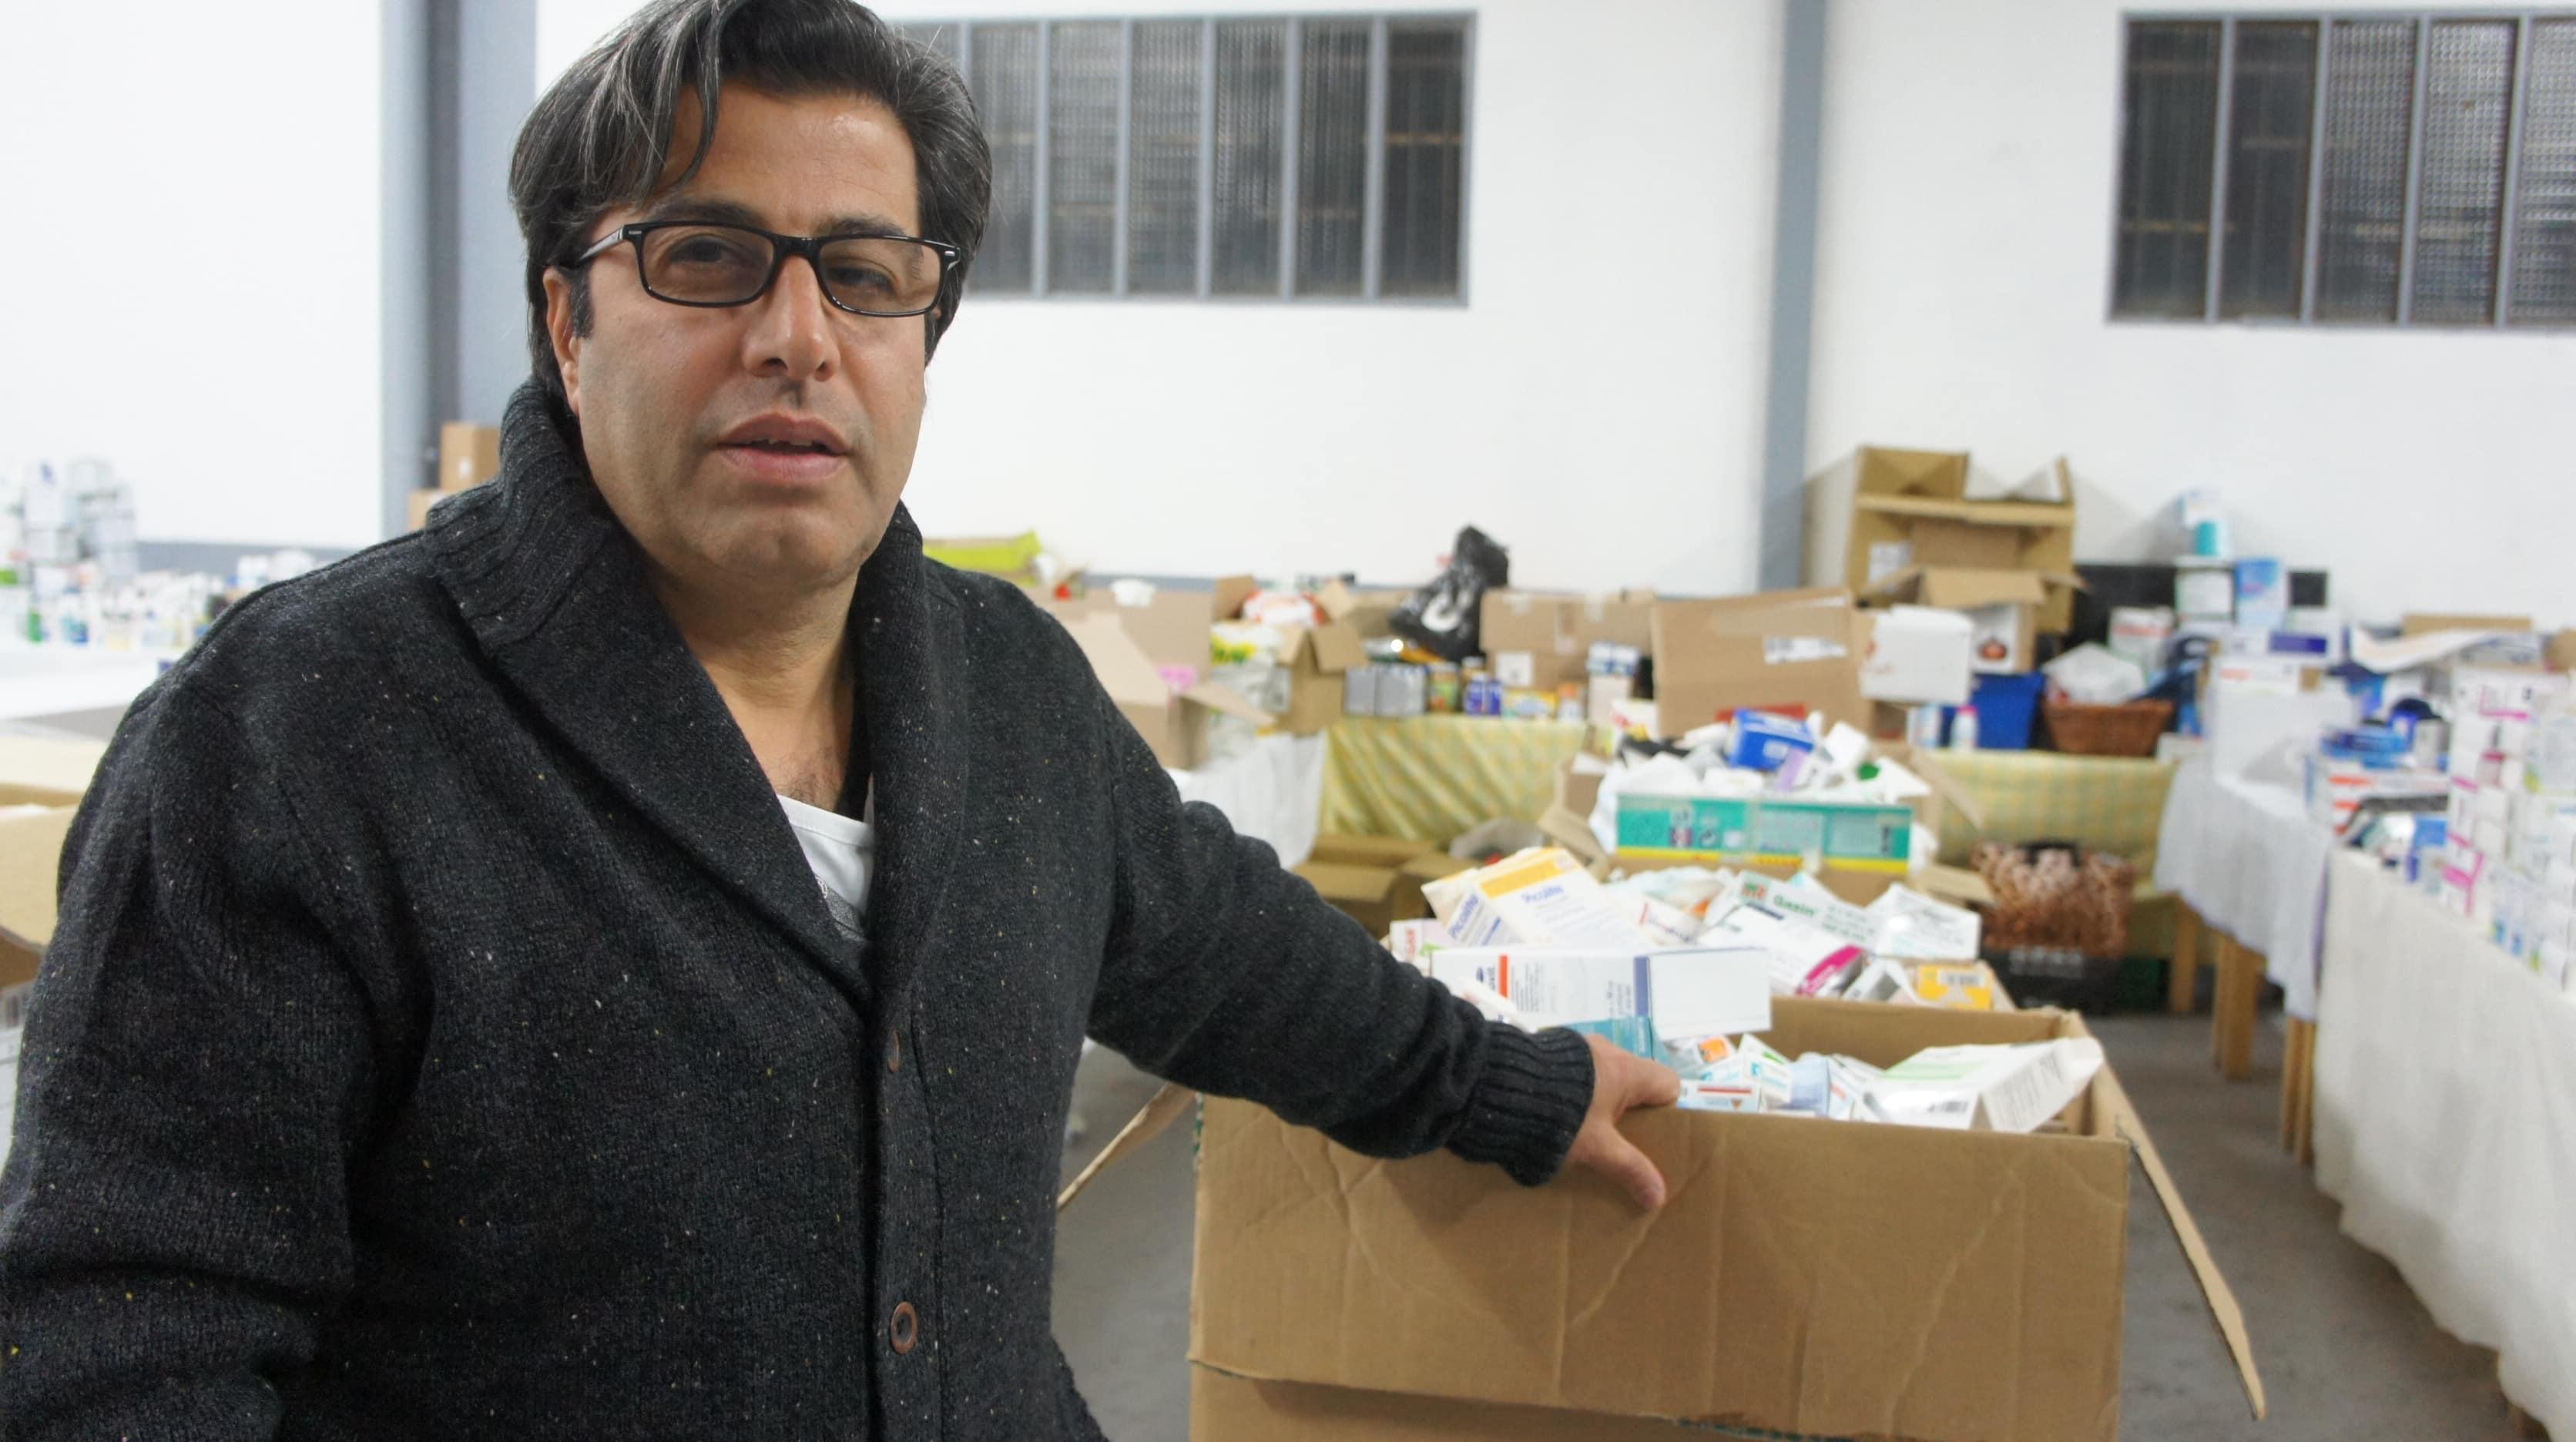 Bassem Al Atrach, devant des médicaments donnés à Free Syria Lyon. ©Rue89Lyon